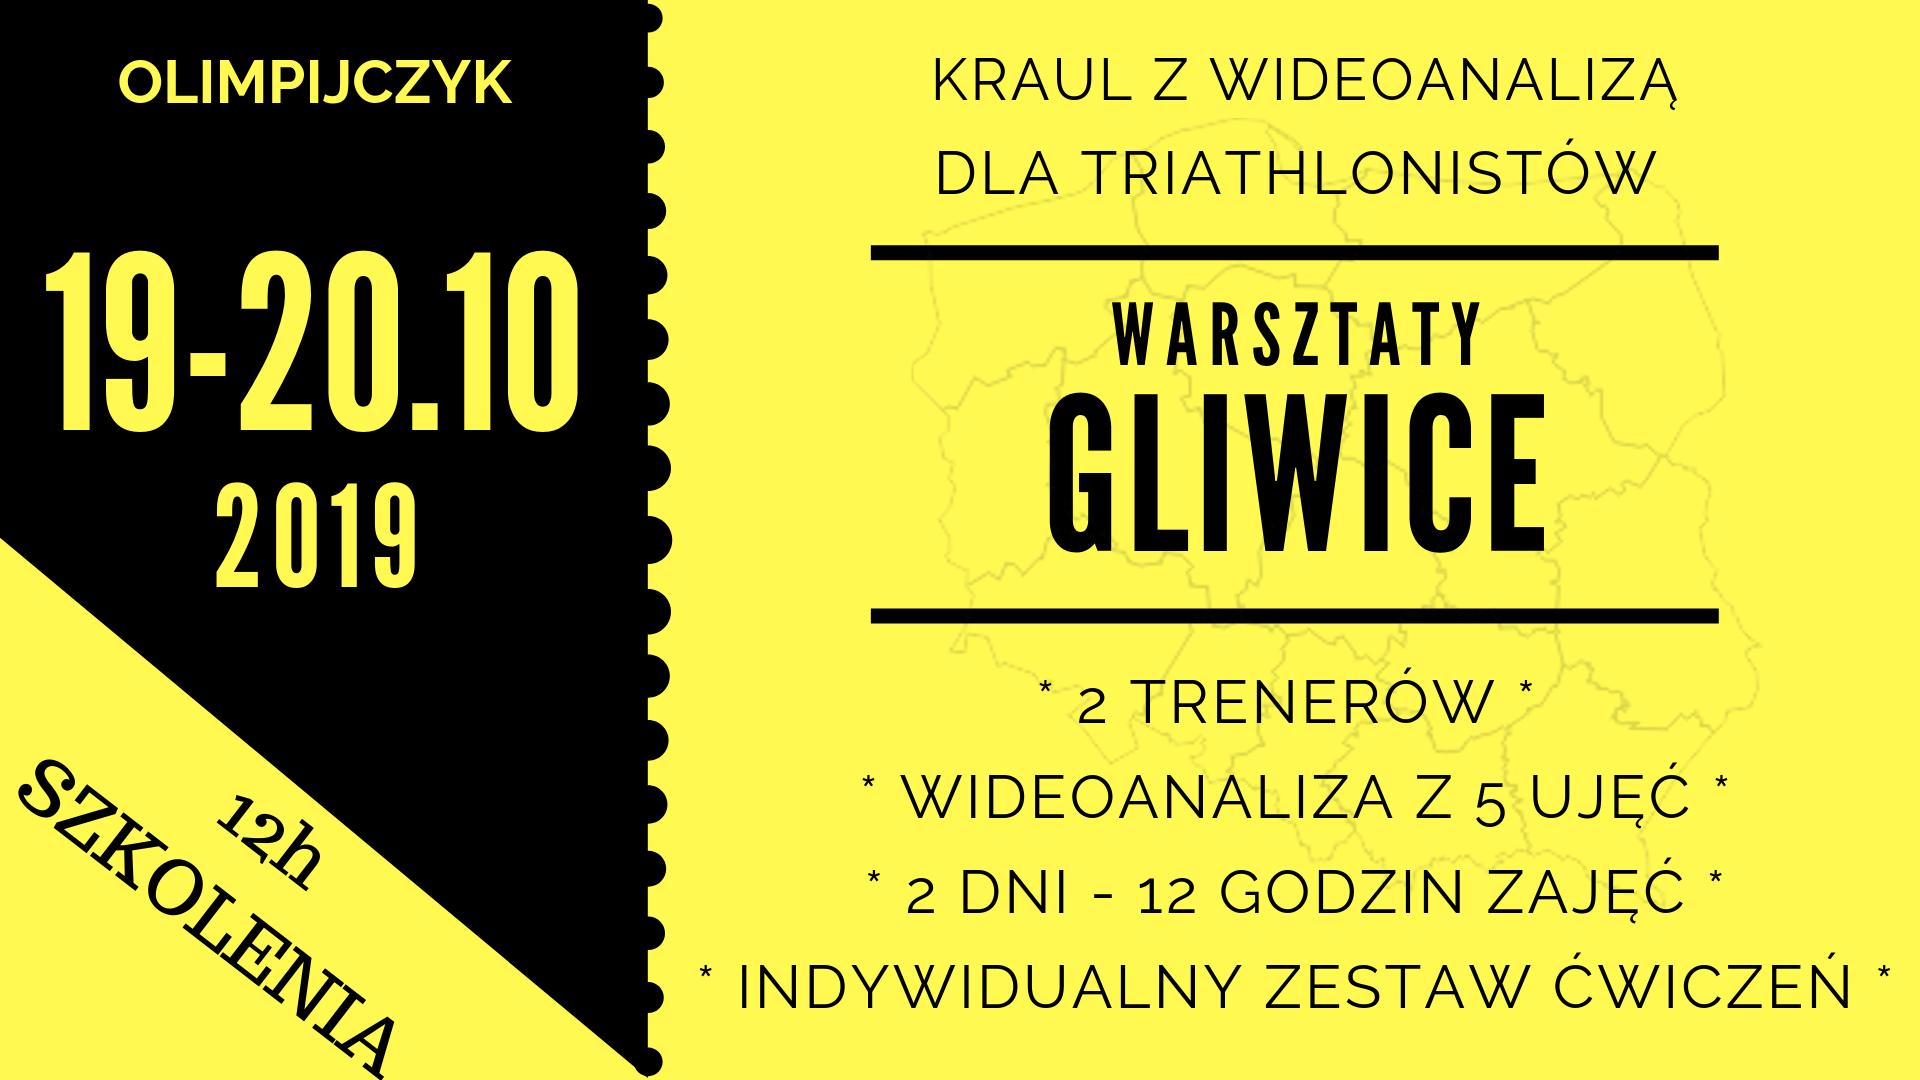 Logo Zawodów Gliwice warsztaty kraula 19-20.10.2019 Triathlon / Swimrun